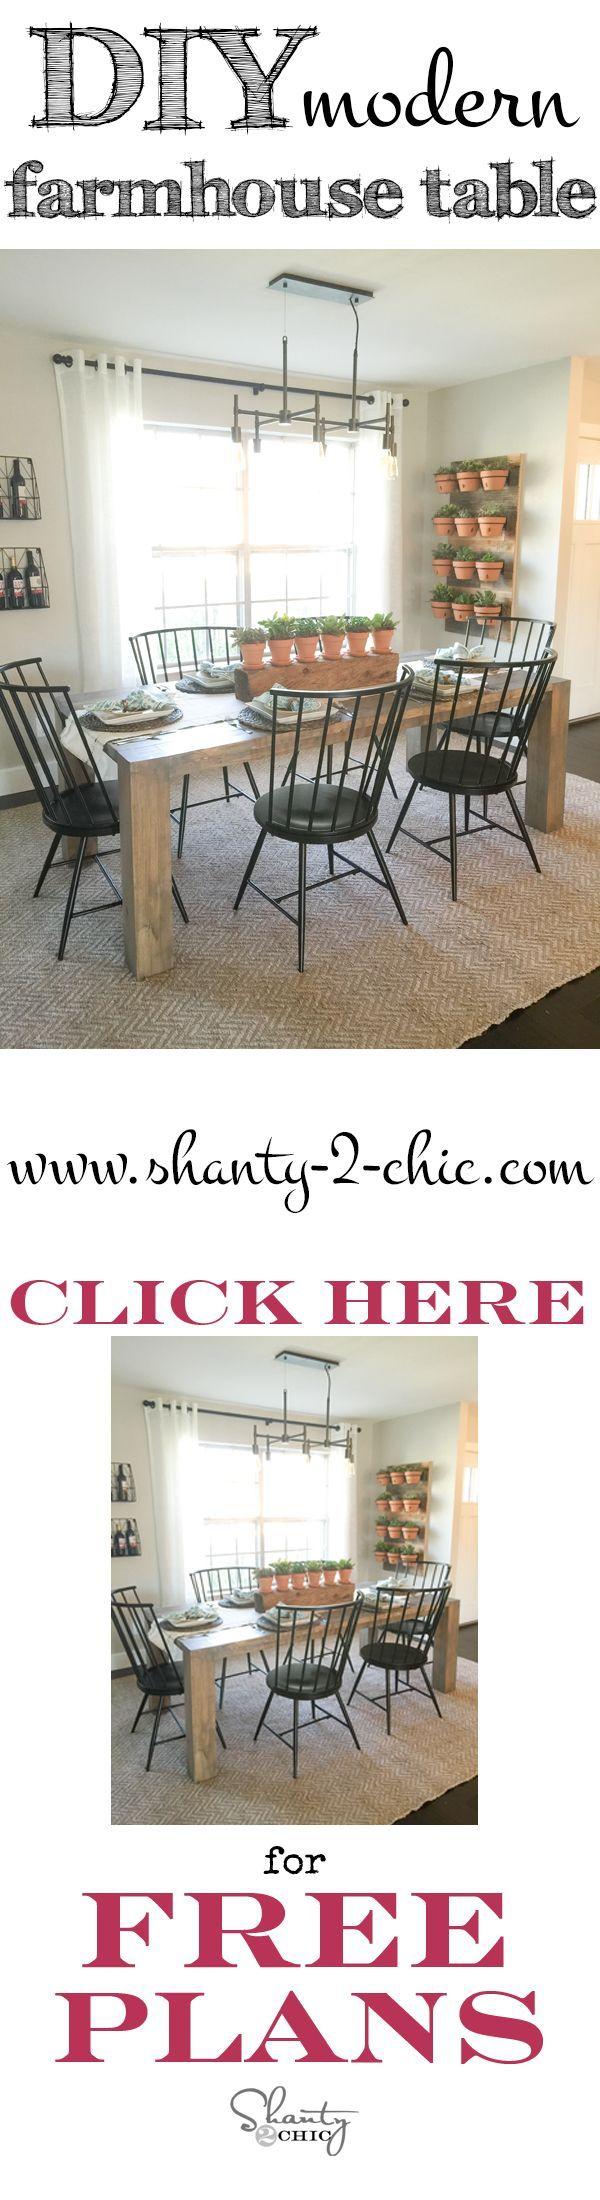 DIY Modern Farmhouse Table as seen on HGTV Open Concept - Shanty 2 Chic